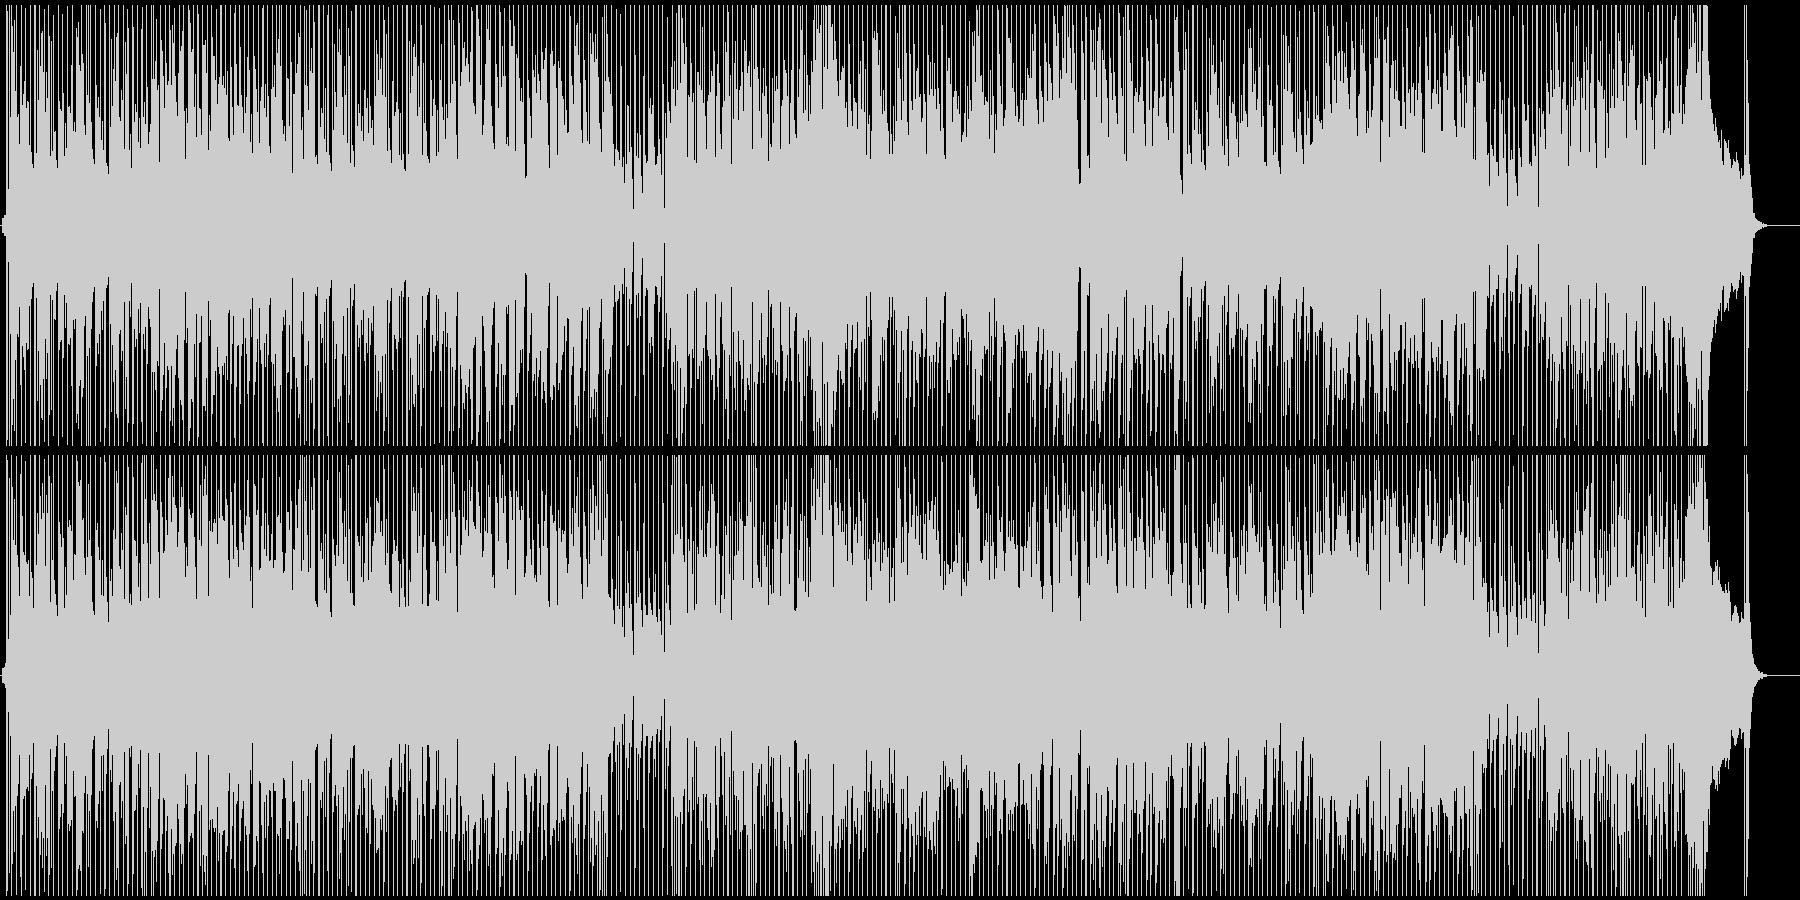 リズミカルなギターが印象的なBGMの未再生の波形